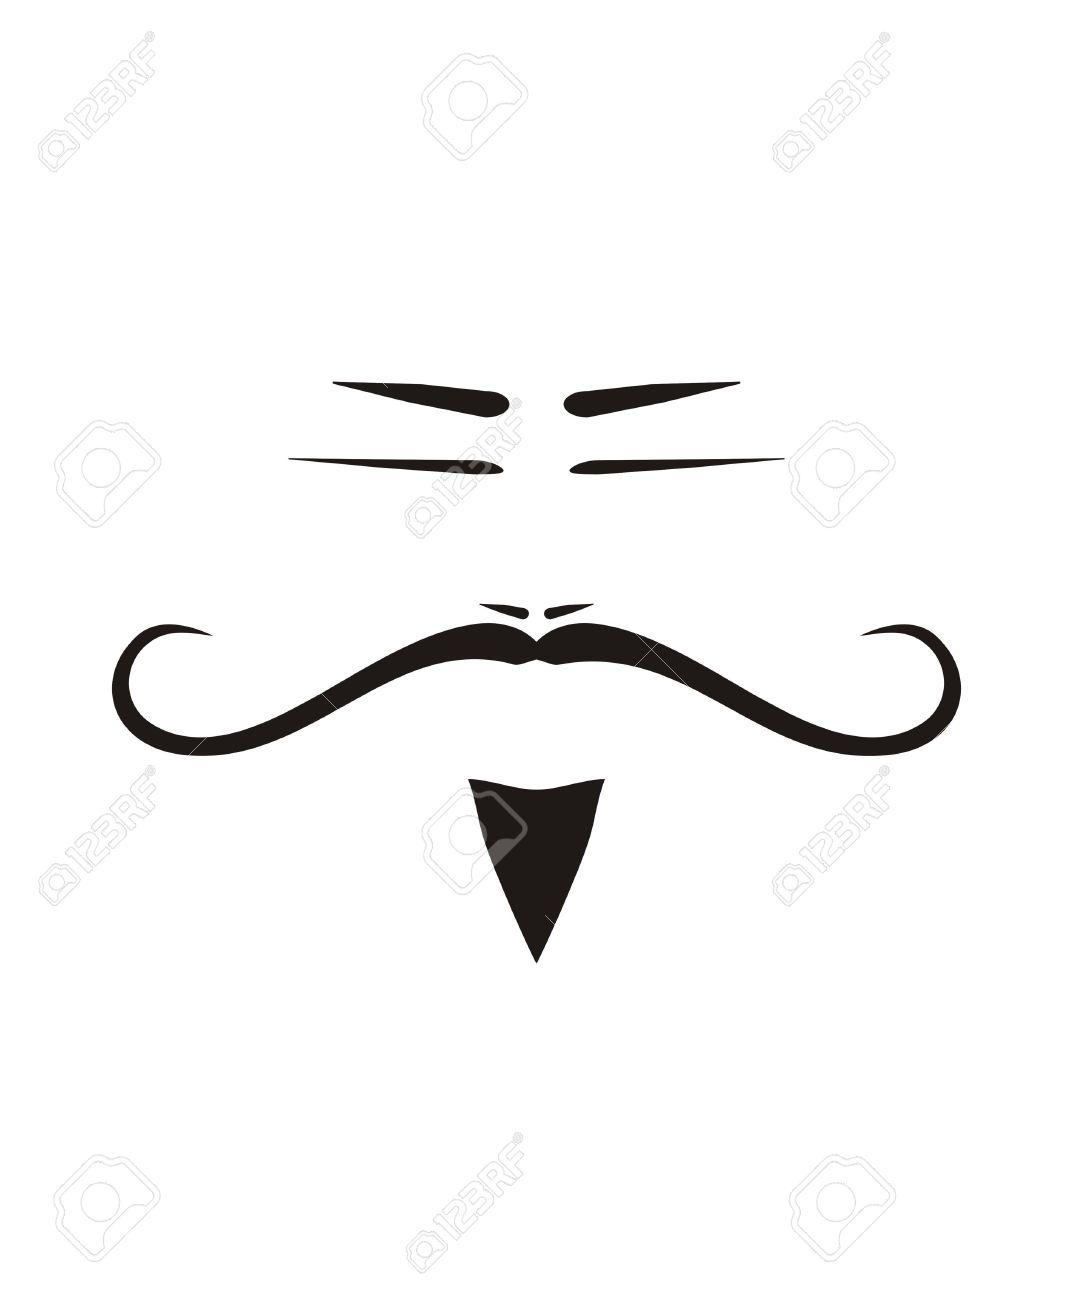 Mustache Silhouette Clipart